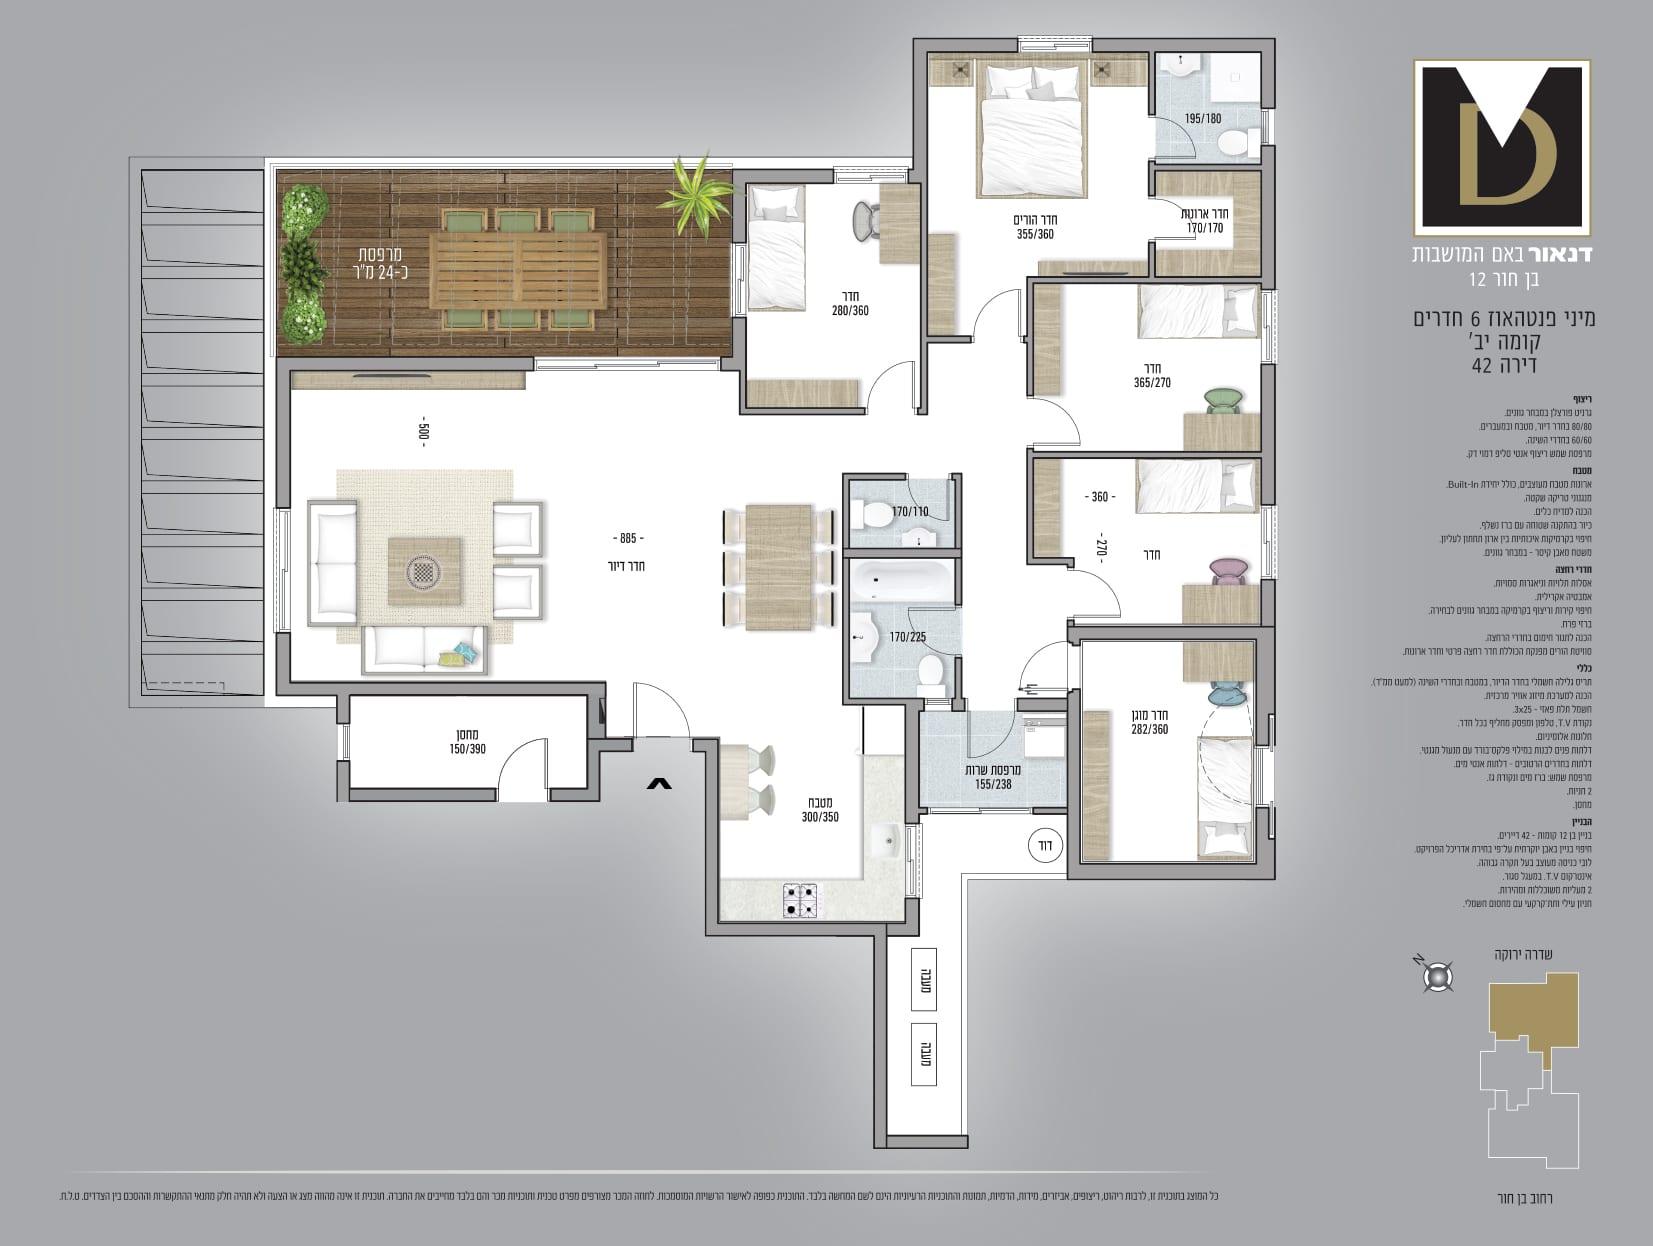 מיני פנטהאוז 6 חדרים, קומה 12, דירה מספר 42